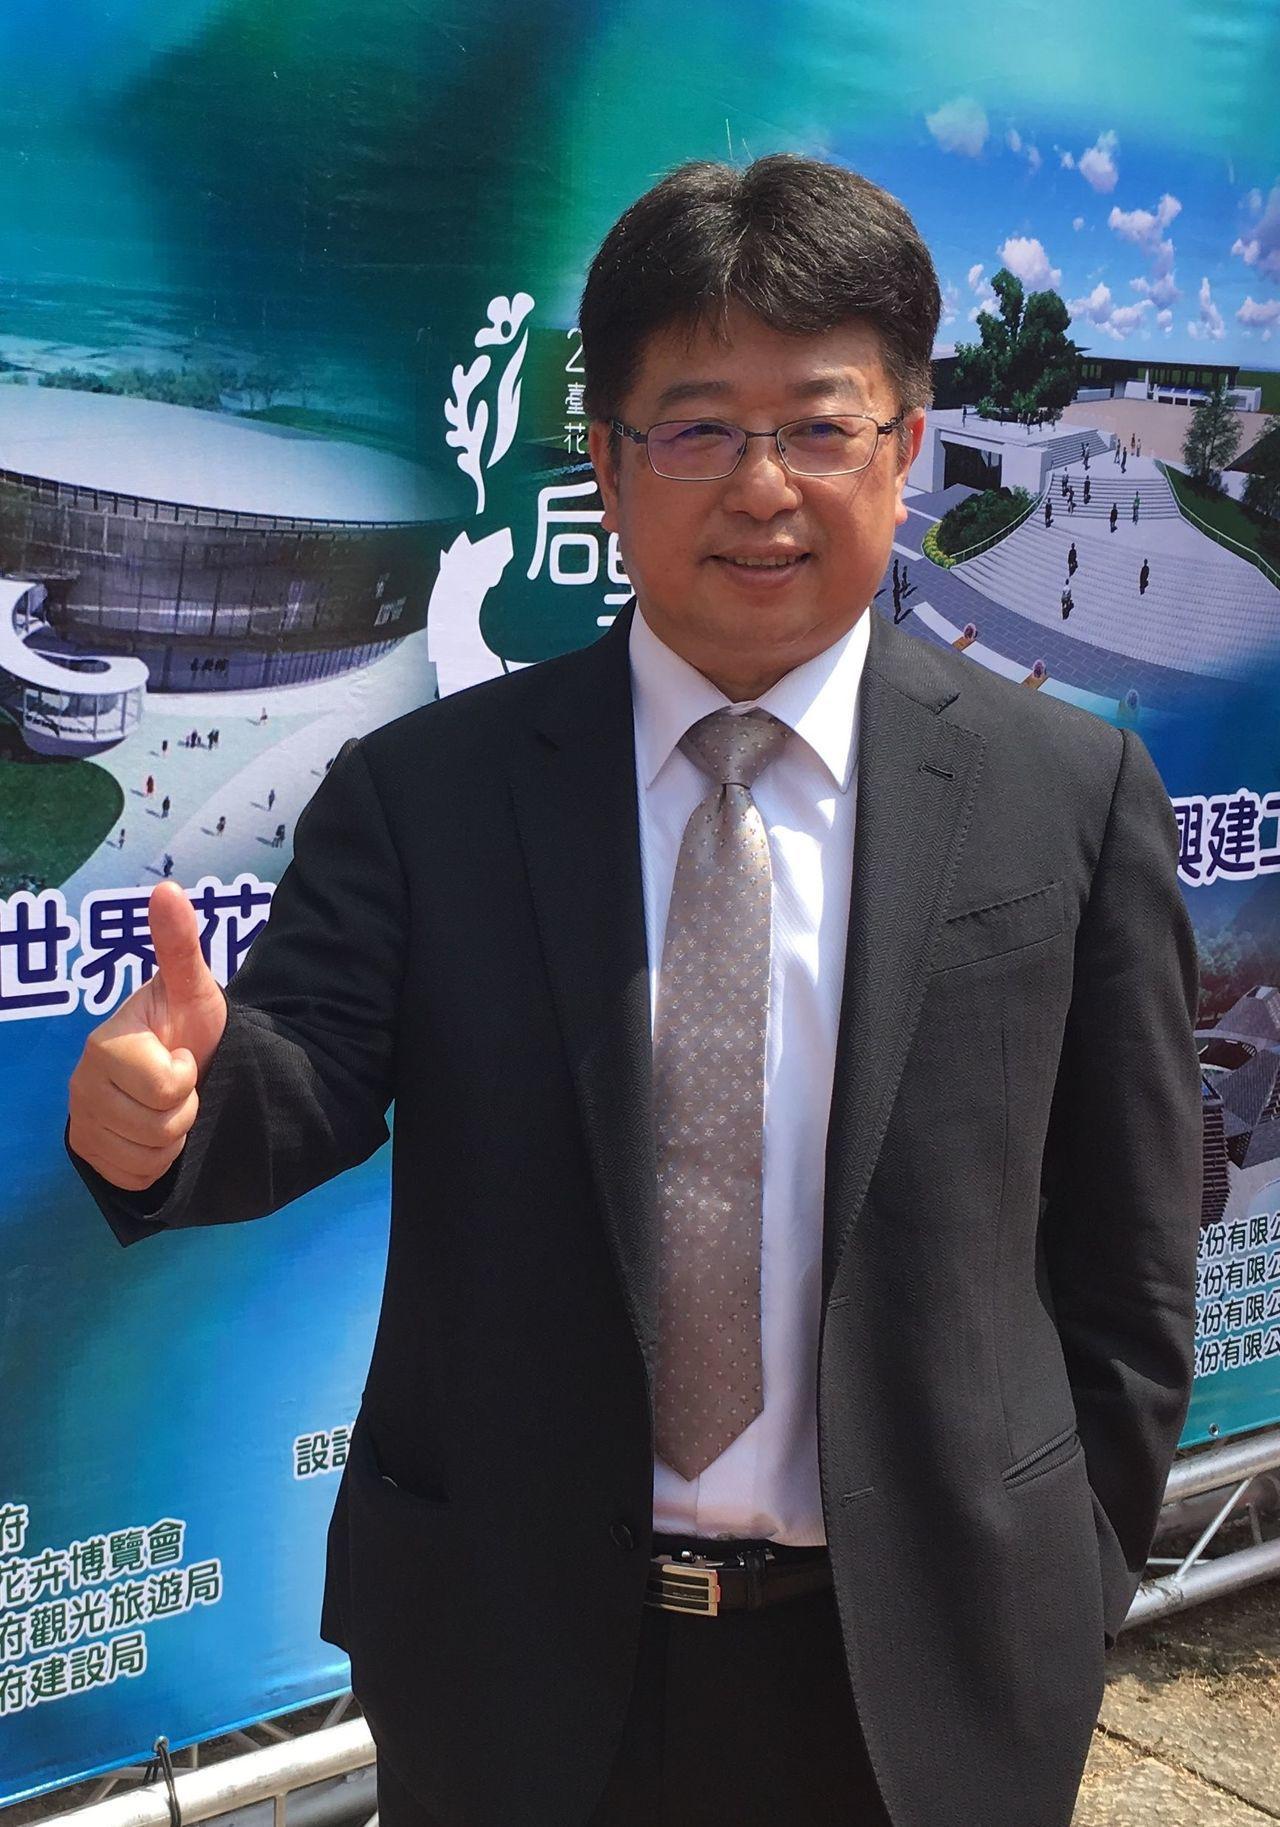 瑞助營造董事長張正岳。記者宋健生/攝影